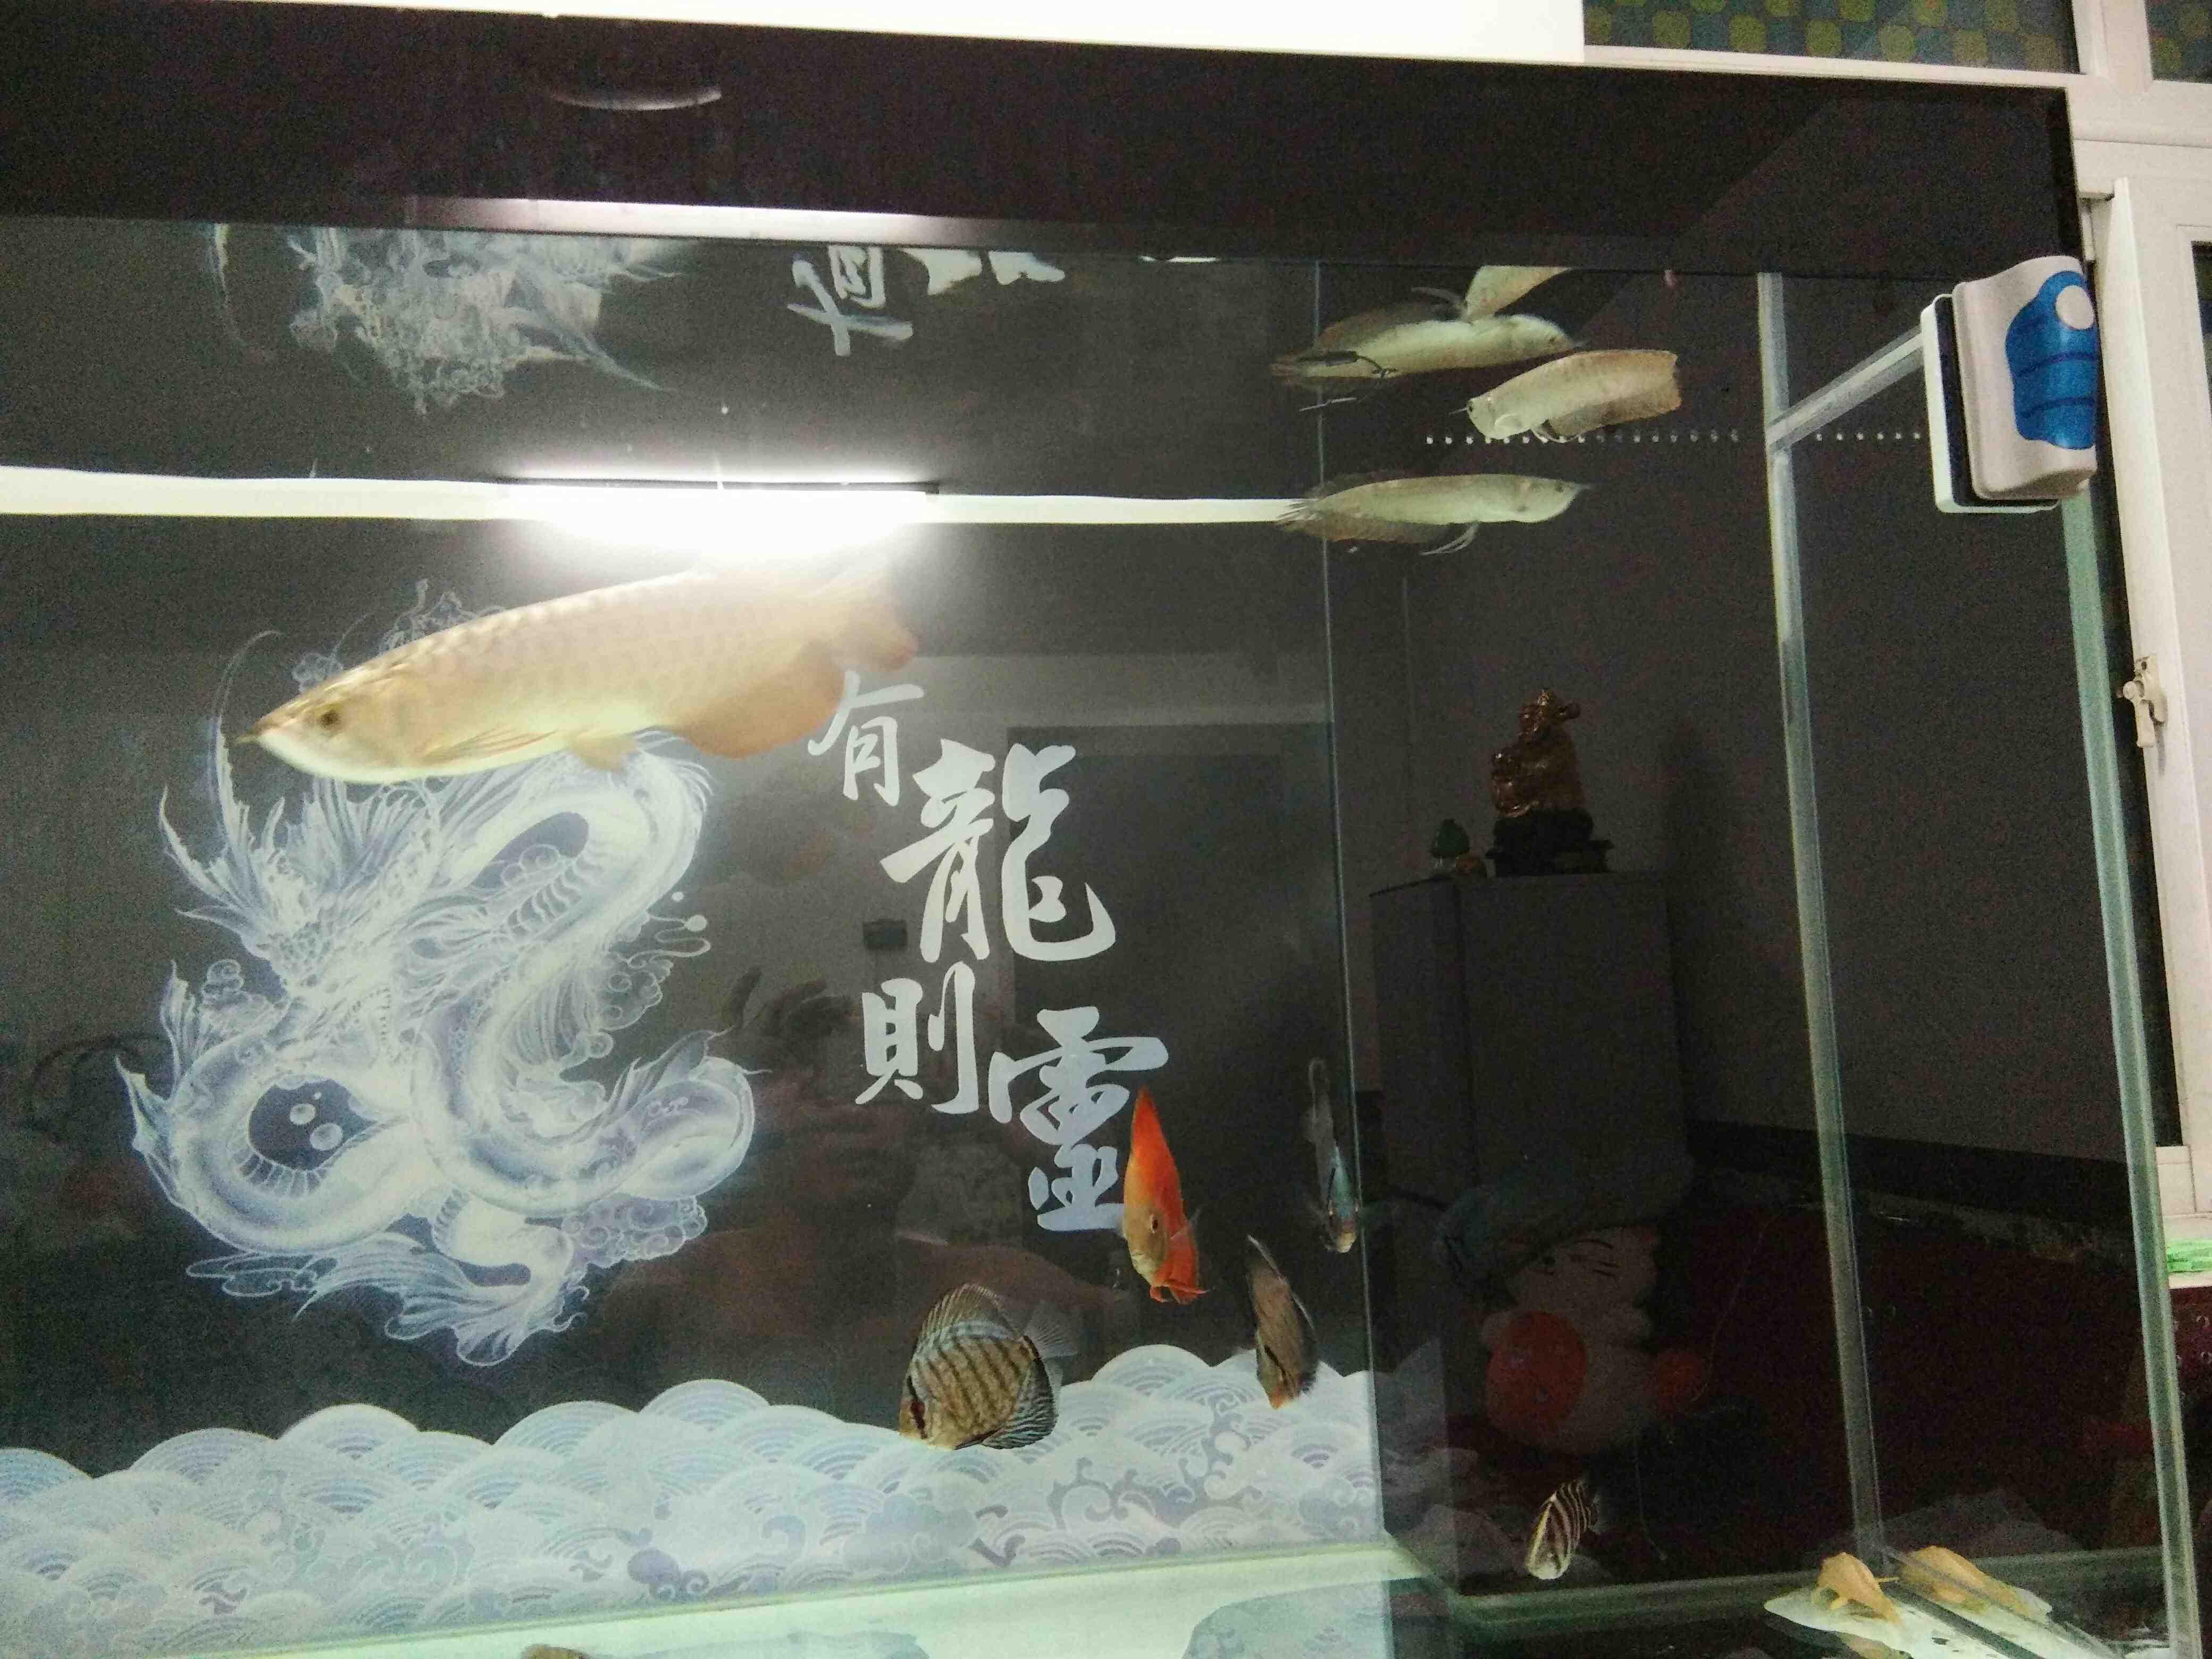 沙包进缸 北京龙鱼论坛 北京龙鱼第5张